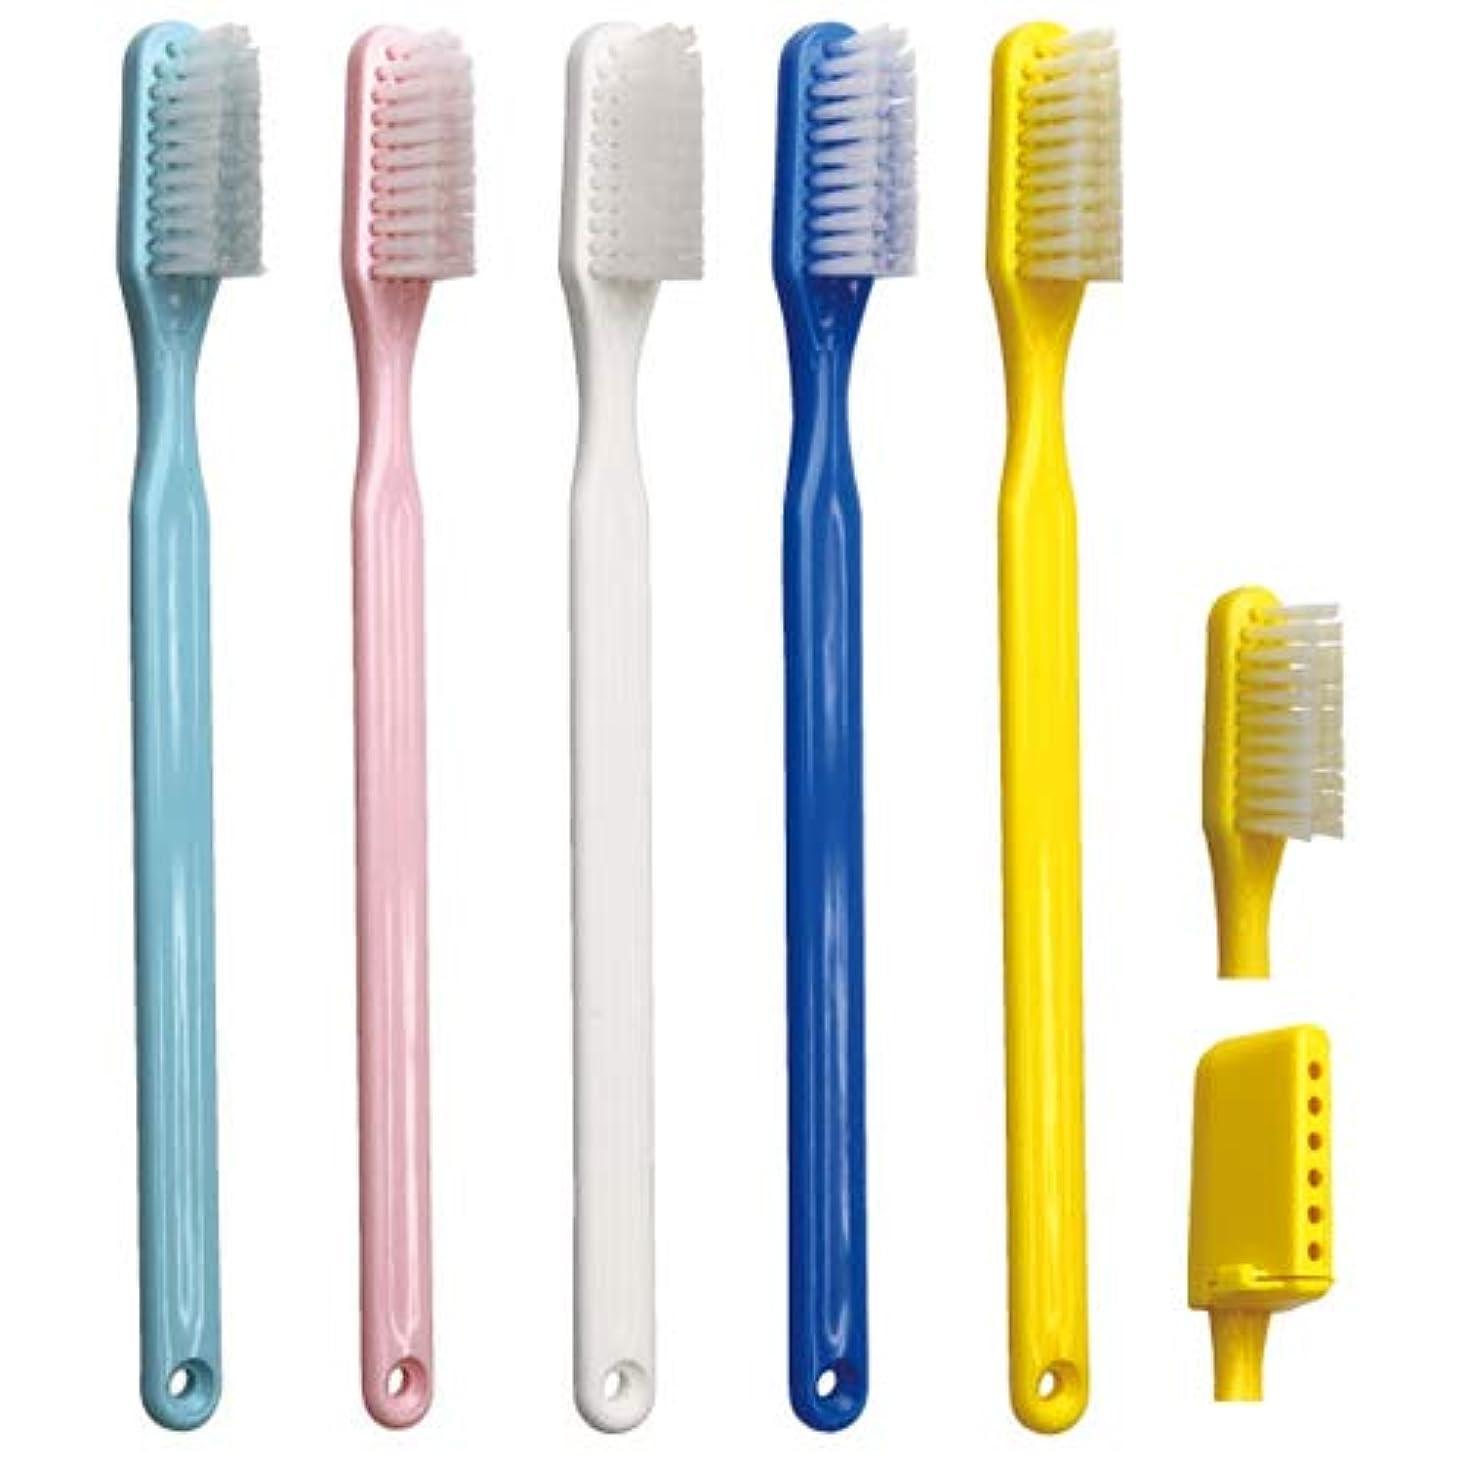 歯科医院専用商品 PHB 歯ブラシ アダルト5本セット( 歯ブラシキャップ付)ライトブルー?ピンク?ホワイト?ネオンブルー?イエロー